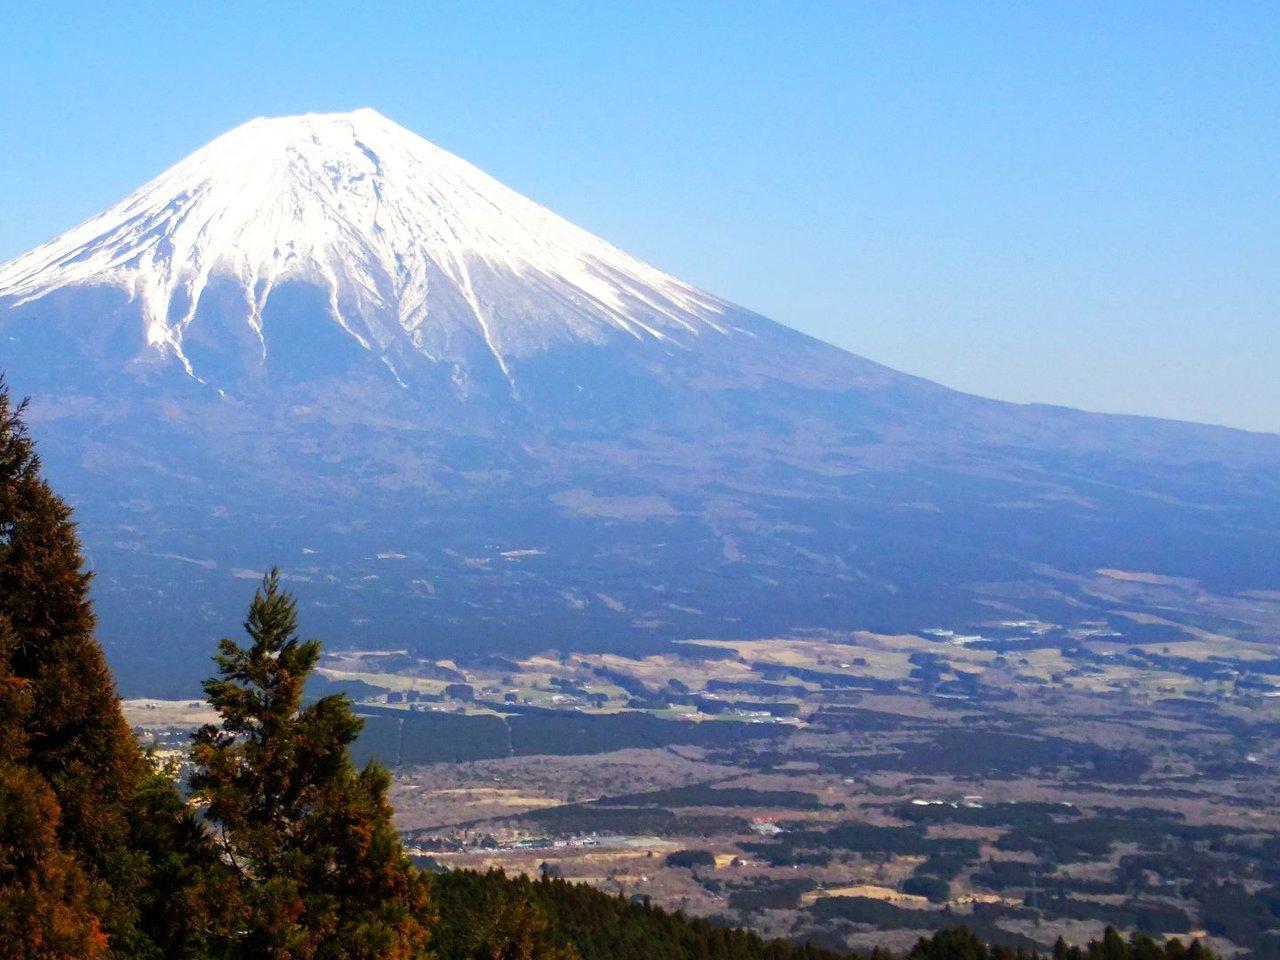 2月23日は富士山の日。全国に散らばるパワースポット「お富士さん」に登ってみませんか?